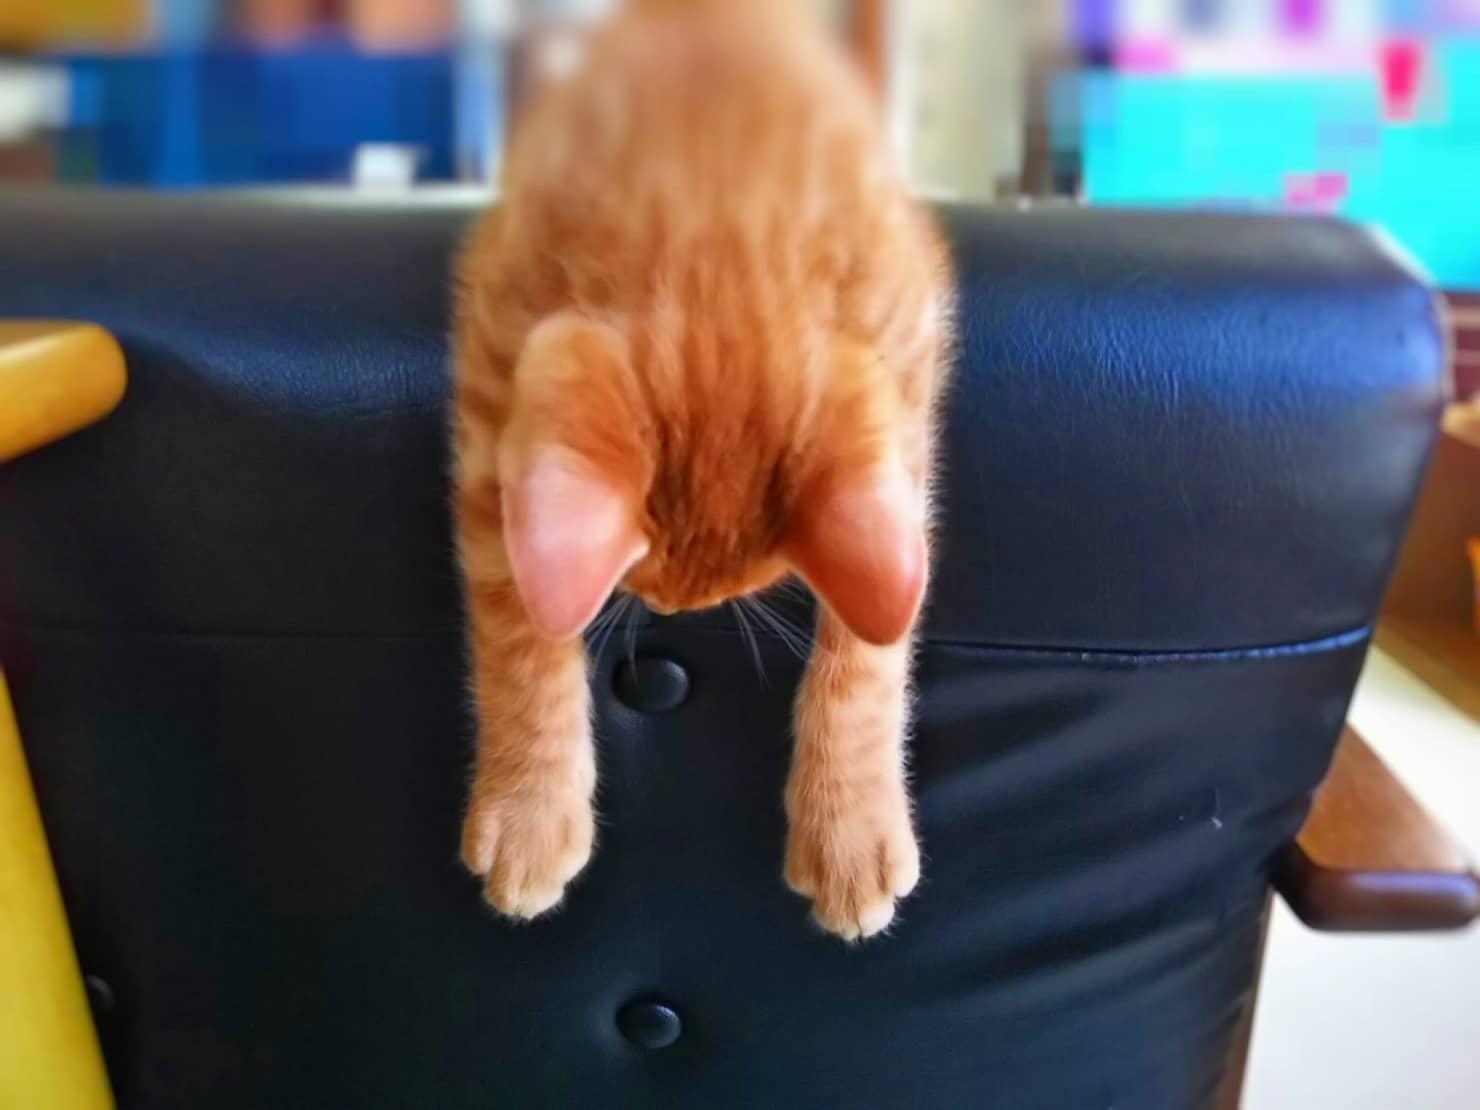 赤ちゃんがいる家庭で猫を飼っても大丈夫? 猫と赤ちゃんが一緒に暮らす時の注意点